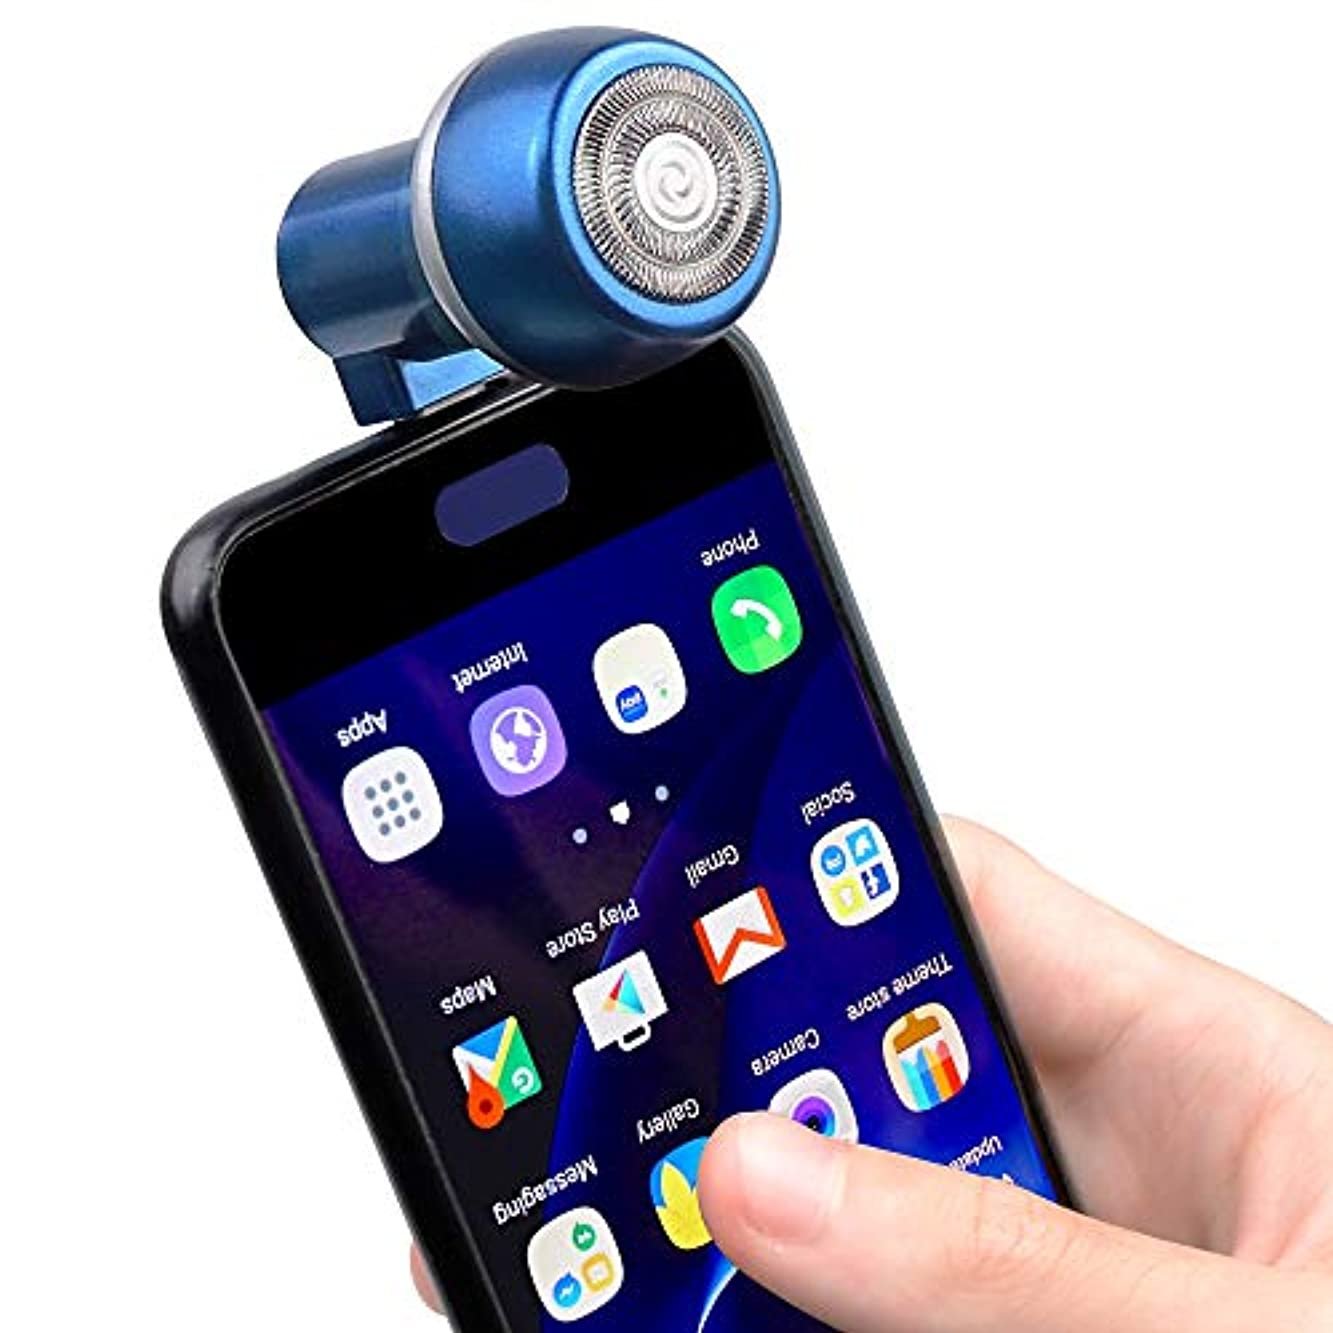 価格レイピボットHINZER メンズシェーバー 髭剃り 電気シェーバー 回転式 ミニ 電動ひげそり 携帯電話/USB充電式 持ち運び便利 ビジネス 通勤用 海外対応 type-cポートブルー